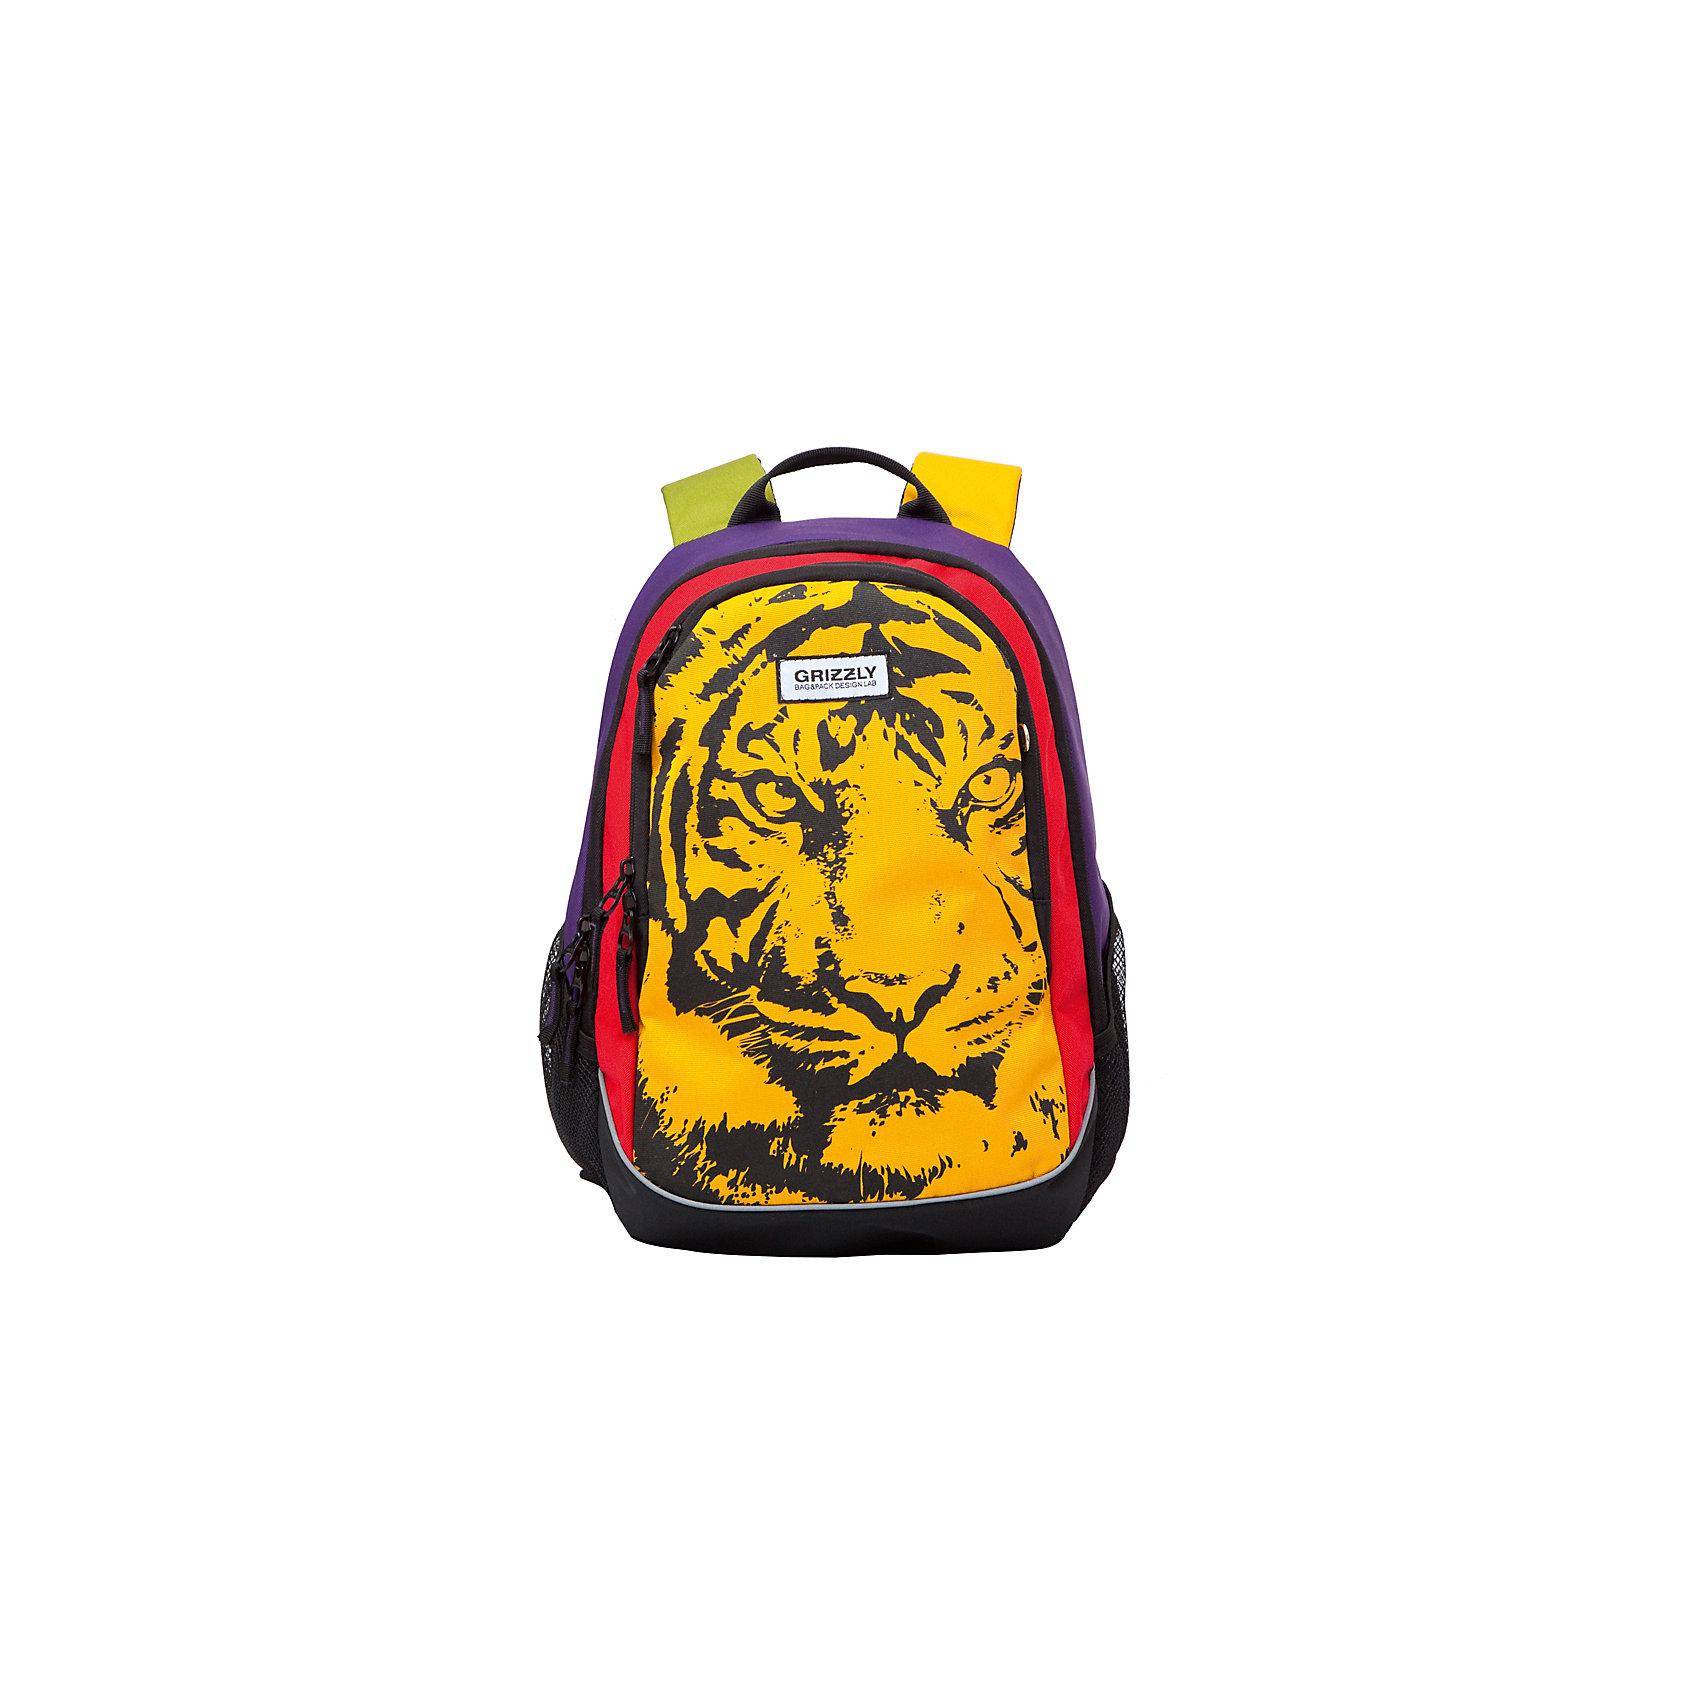 Рюкзак Grizzly, тигрРюкзаки<br>Рюкзак молодежный, два отделения, карман на молнии на передней стенке, боковые карманы из сетки, внутренний карман на молнии, внутренний карман-пенал для карандашей, внутренний подвесной карман на молнии, жесткая анатомическая спинка, дополнительная ручка-петля, укрепленные лямки<br><br>Ширина мм: 290<br>Глубина мм: 200<br>Высота мм: 400<br>Вес г: 690<br>Возраст от месяцев: 72<br>Возраст до месяцев: 2147483647<br>Пол: Женский<br>Возраст: Детский<br>SKU: 6939851